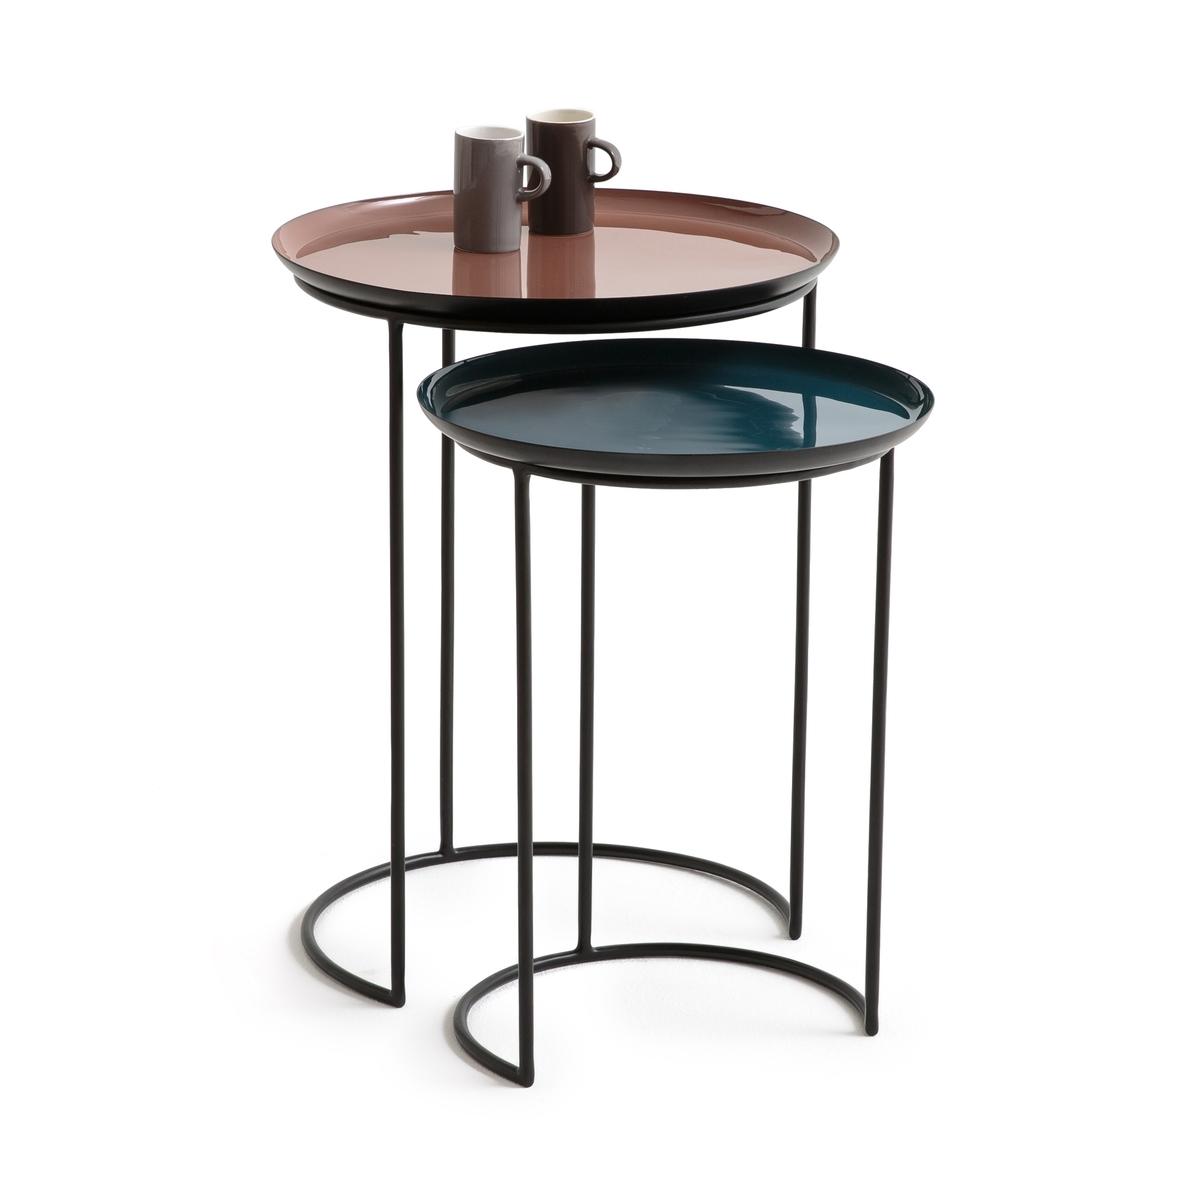 Столик круглый TIVARA (комплект из 2 столиков)Описание:2 столика Tivara. Полувыдвижные, столики задвигаются или выдвигаются в зависимости от Ваших пожеланий. Тумбочки, прикроватные столики или просто низкие столики прекрасно играют с пространством и вписываются в любой интерьер, благодаря свои эмалированным столешницам.Характеристики 2 столиков Tivara : Круглая столешница из эмалированной сталиТонкий каркас из стали, покрытой лакированной эпоксидной чёрной матовой краскойДоставляется в собранном видеВсю коллекцию Tivara Вы можете найти на нашем сайте laredoute.ruРазмеры 2 столиков Tivara :- Малая модель :Диаметр : 35 смВысота : 46 см- Большая модель :Диаметр : 40,5 смВысота : 53 смРазмеры и вес ящика1 упаковкаШ47 x В72 x Г47 см10.5 кг<br><br>Цвет: желтый/серый/черный,черный/ розовый/ синий